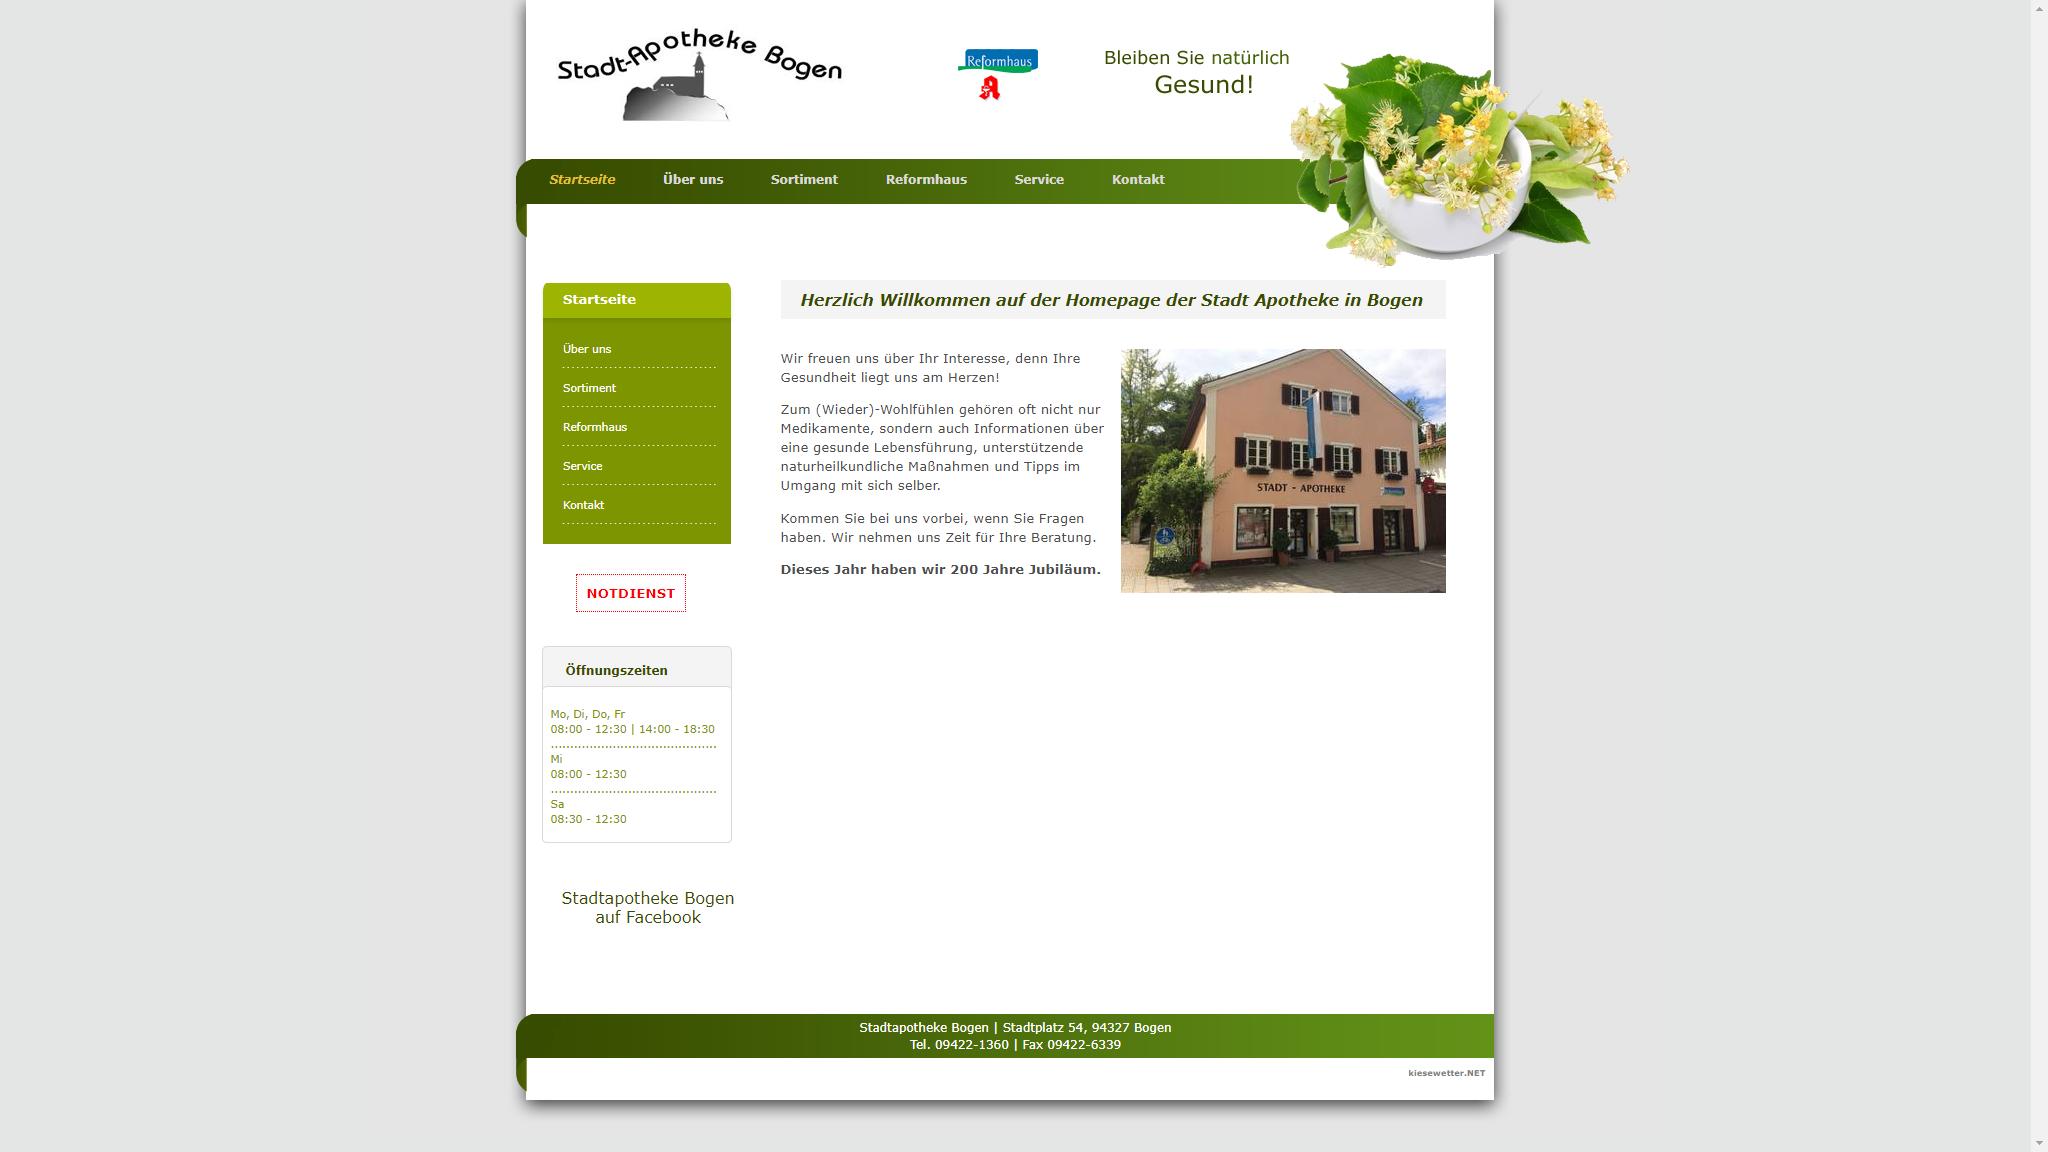 screenshot webseite www.stadtapotheke-bogen.de